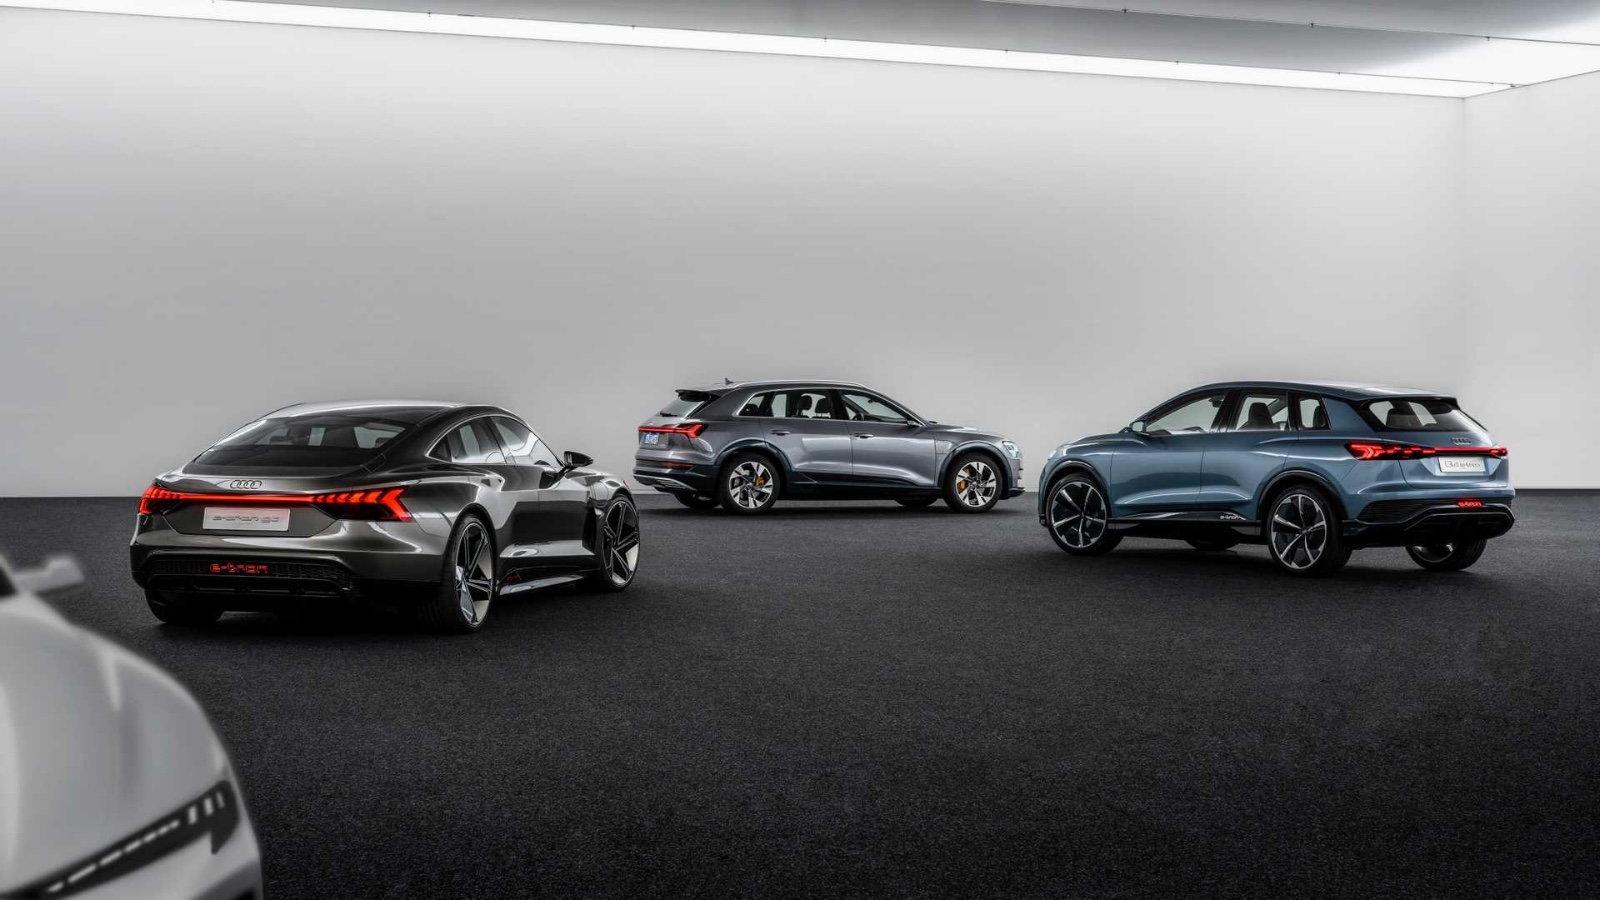 Kelebihan Audi Porsche Tangguh